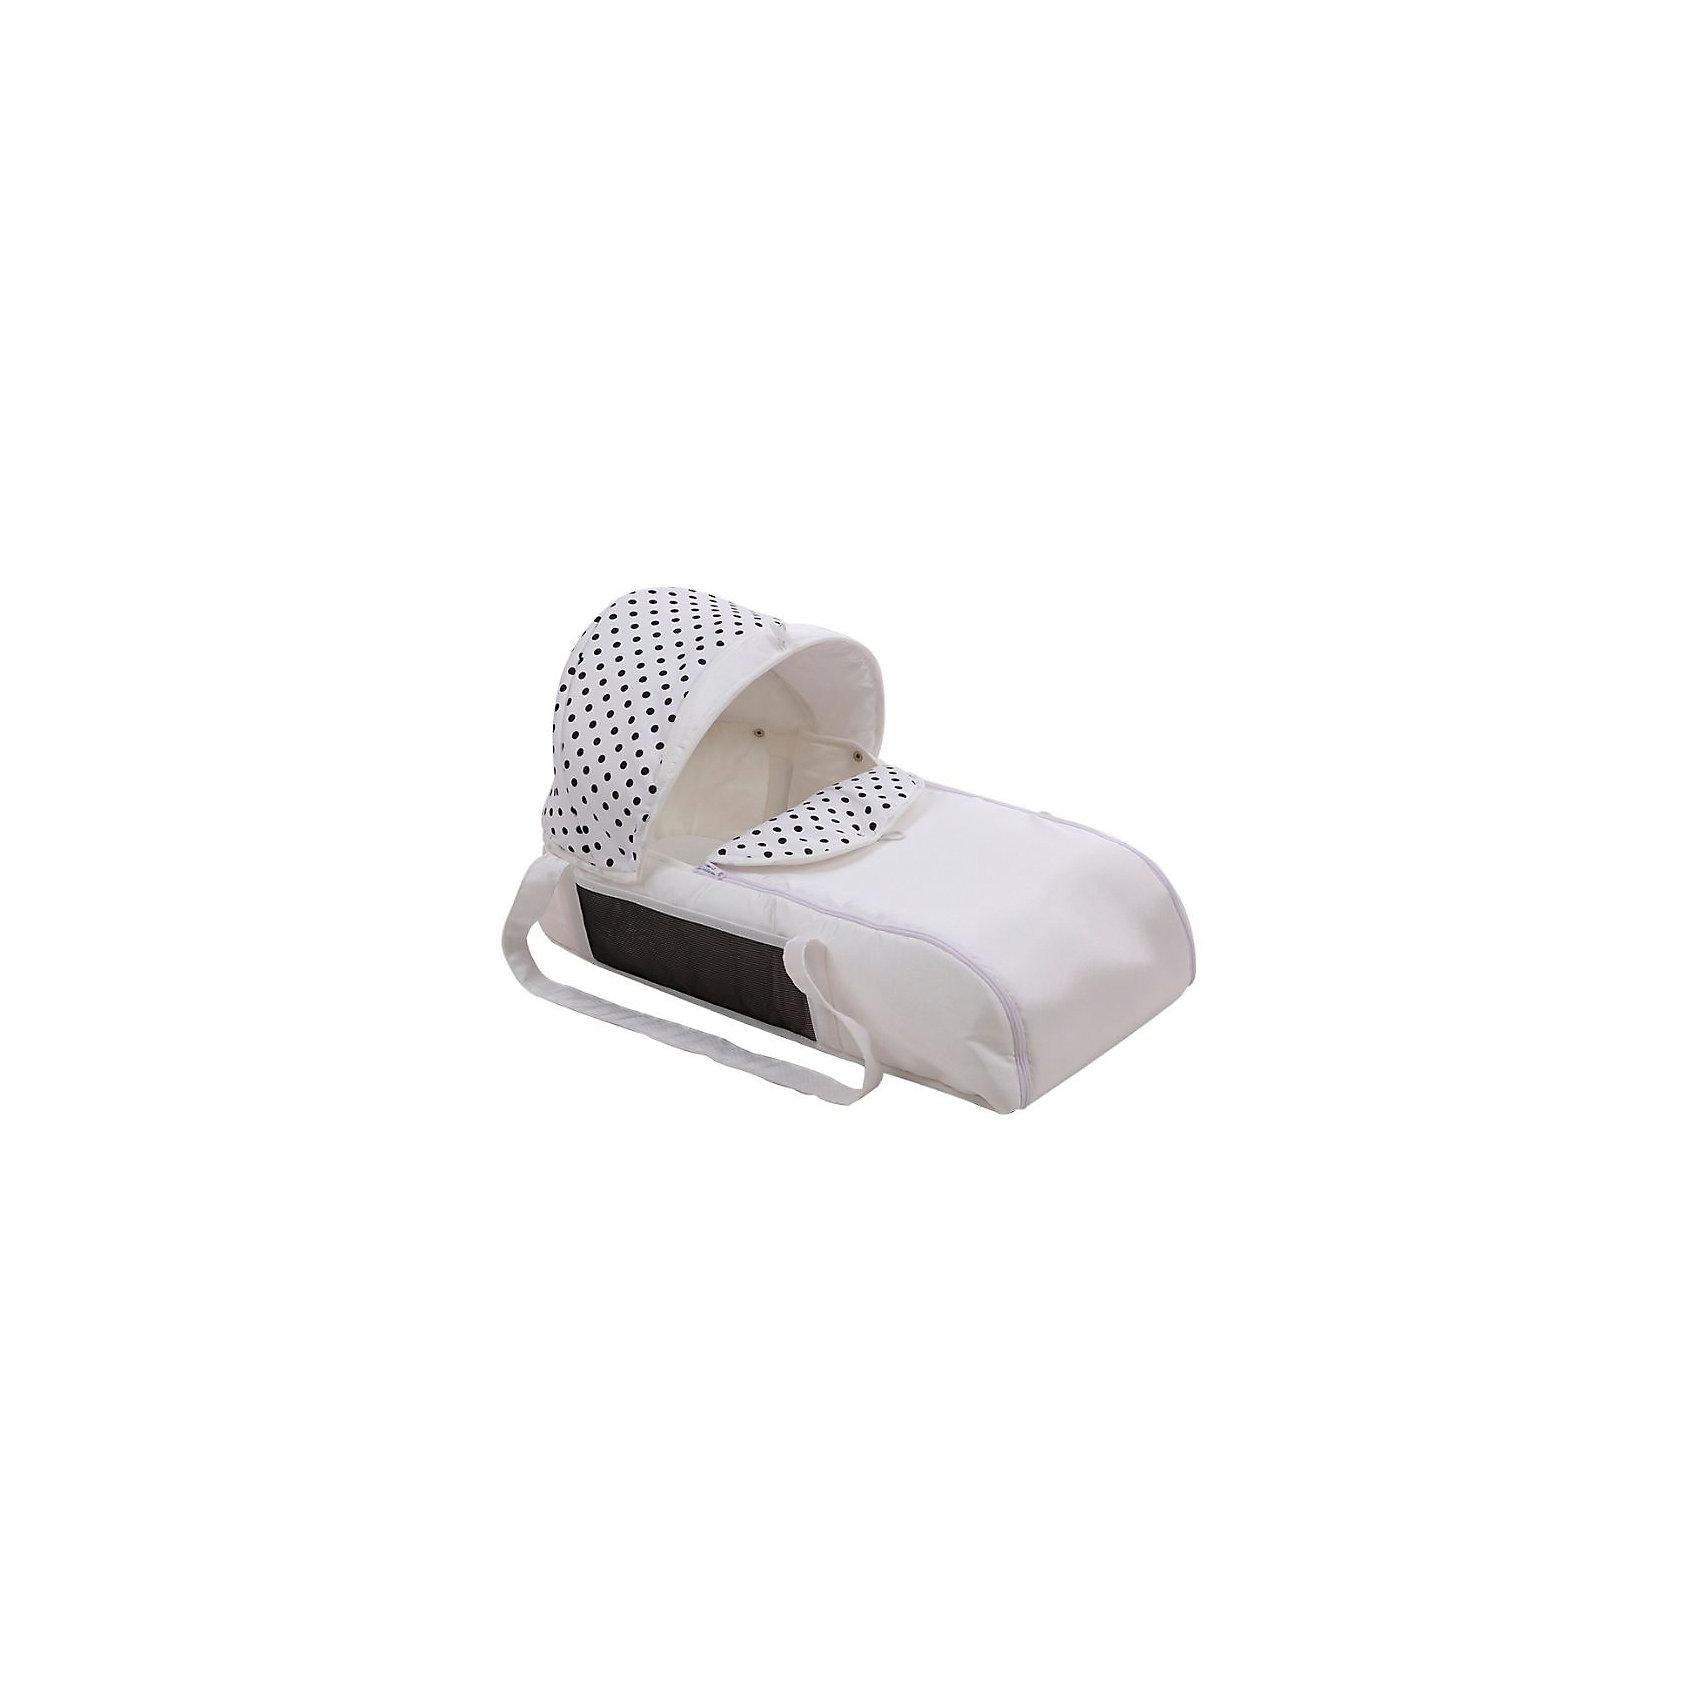 Люлька-переноска для коляски АЛИСА, Лео, белый